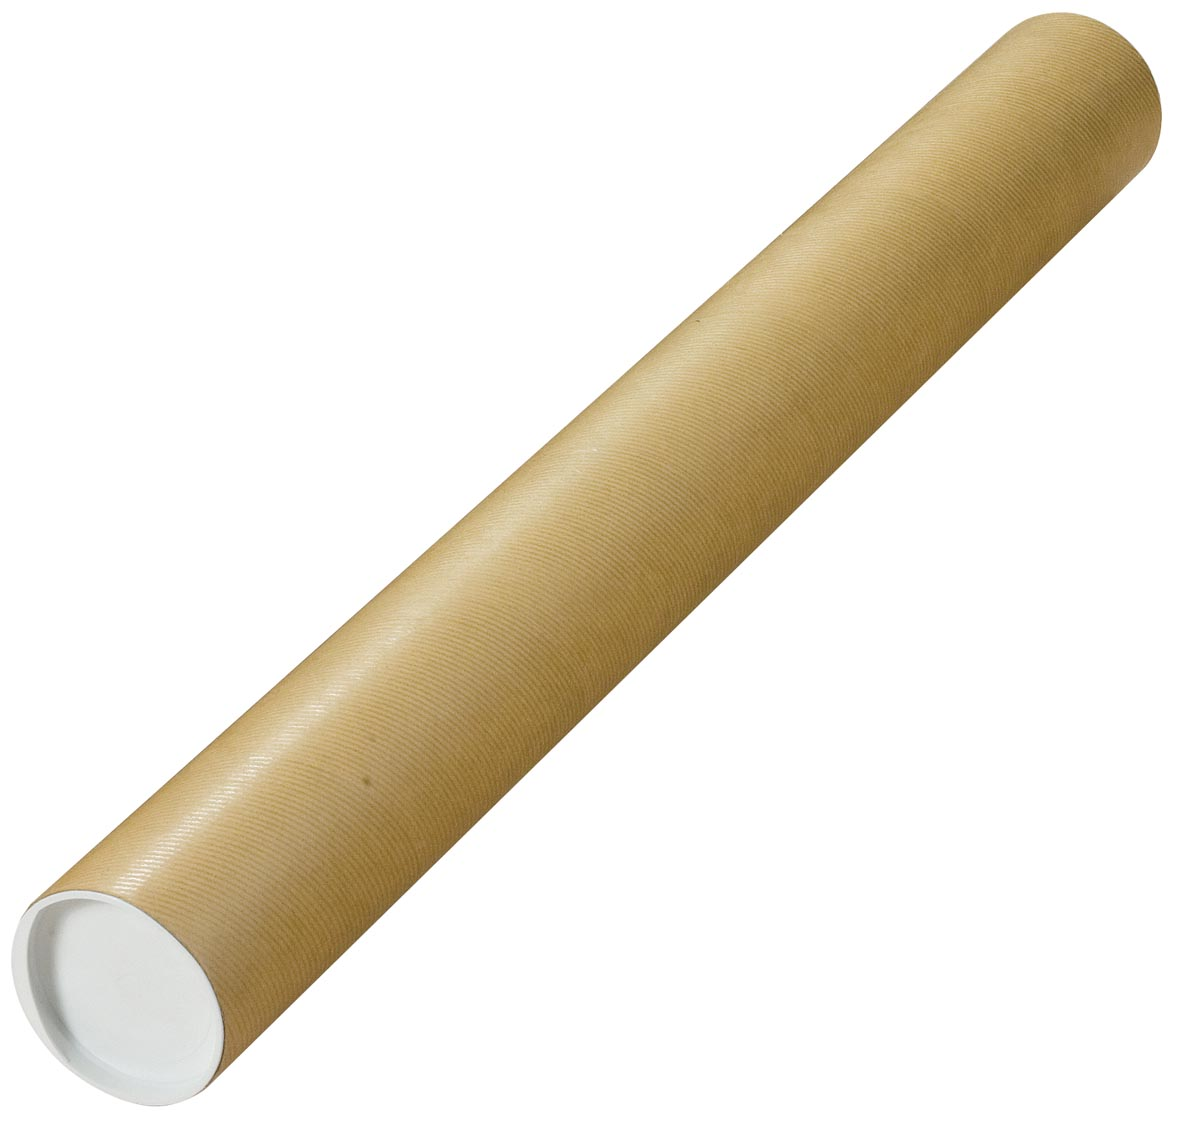 Verzendkoker, ft 75 x 8 cm, bruin